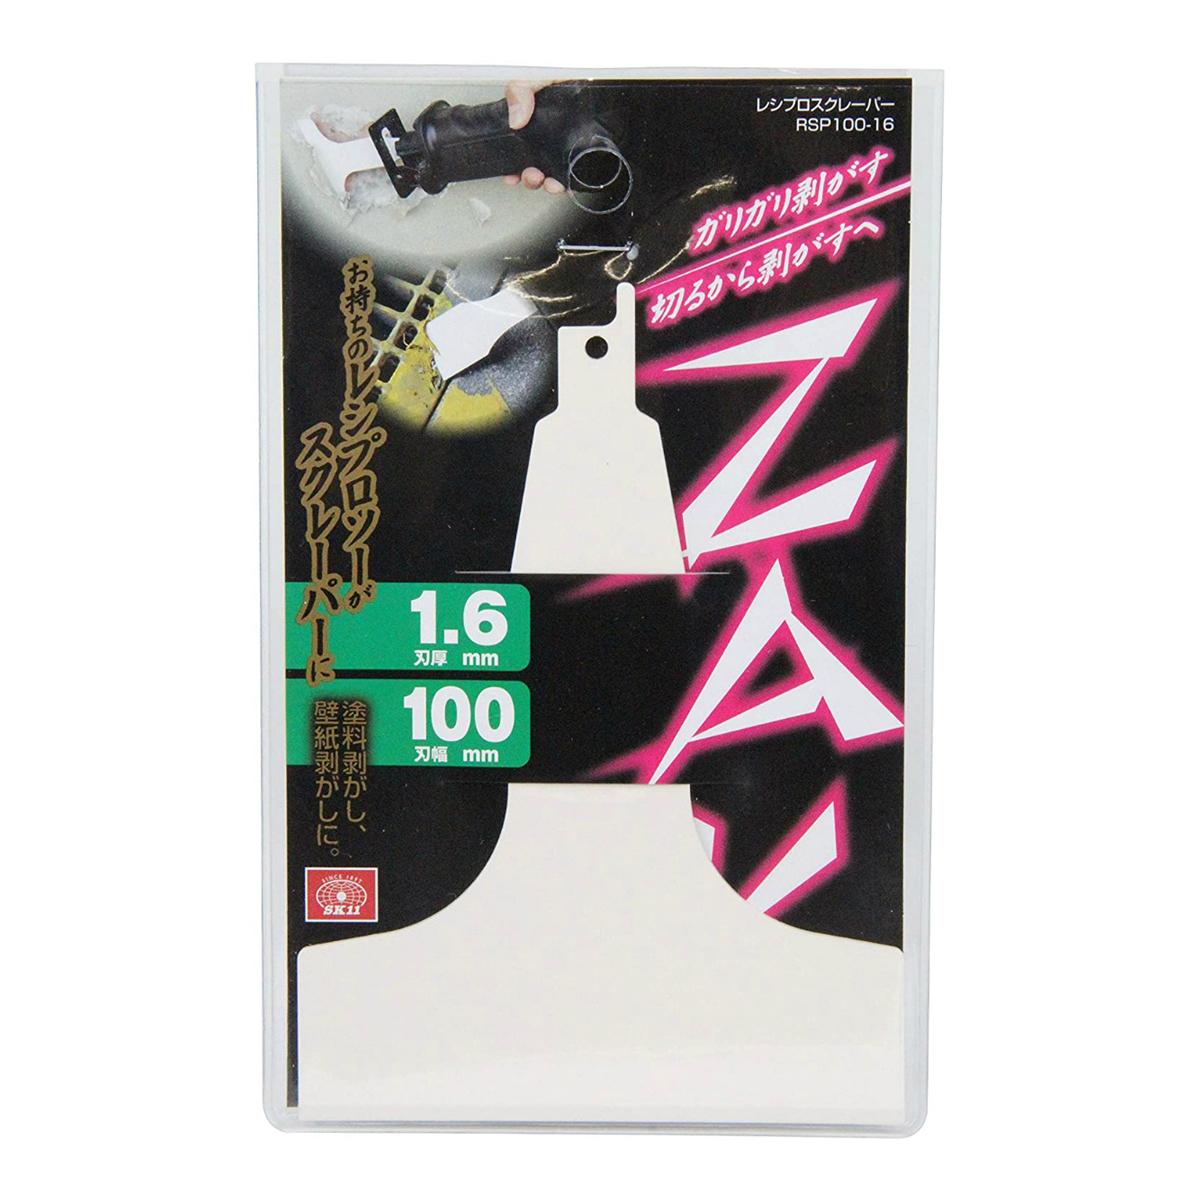 レシプロソーのパワーで楽にはがし作業ができます 4977292304887 藤原産業 新色 SK11 ZAK 1.6×100mm スクレーパ広厚 RSP100-16 レシプロ 選択